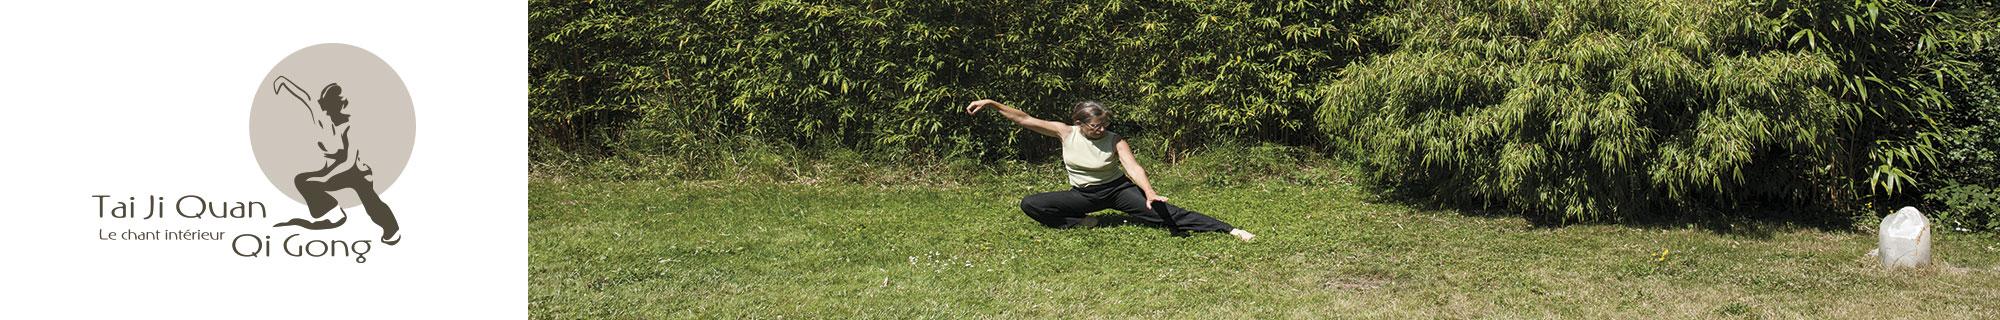 Tai chi dans le jardin: la posture du serpent